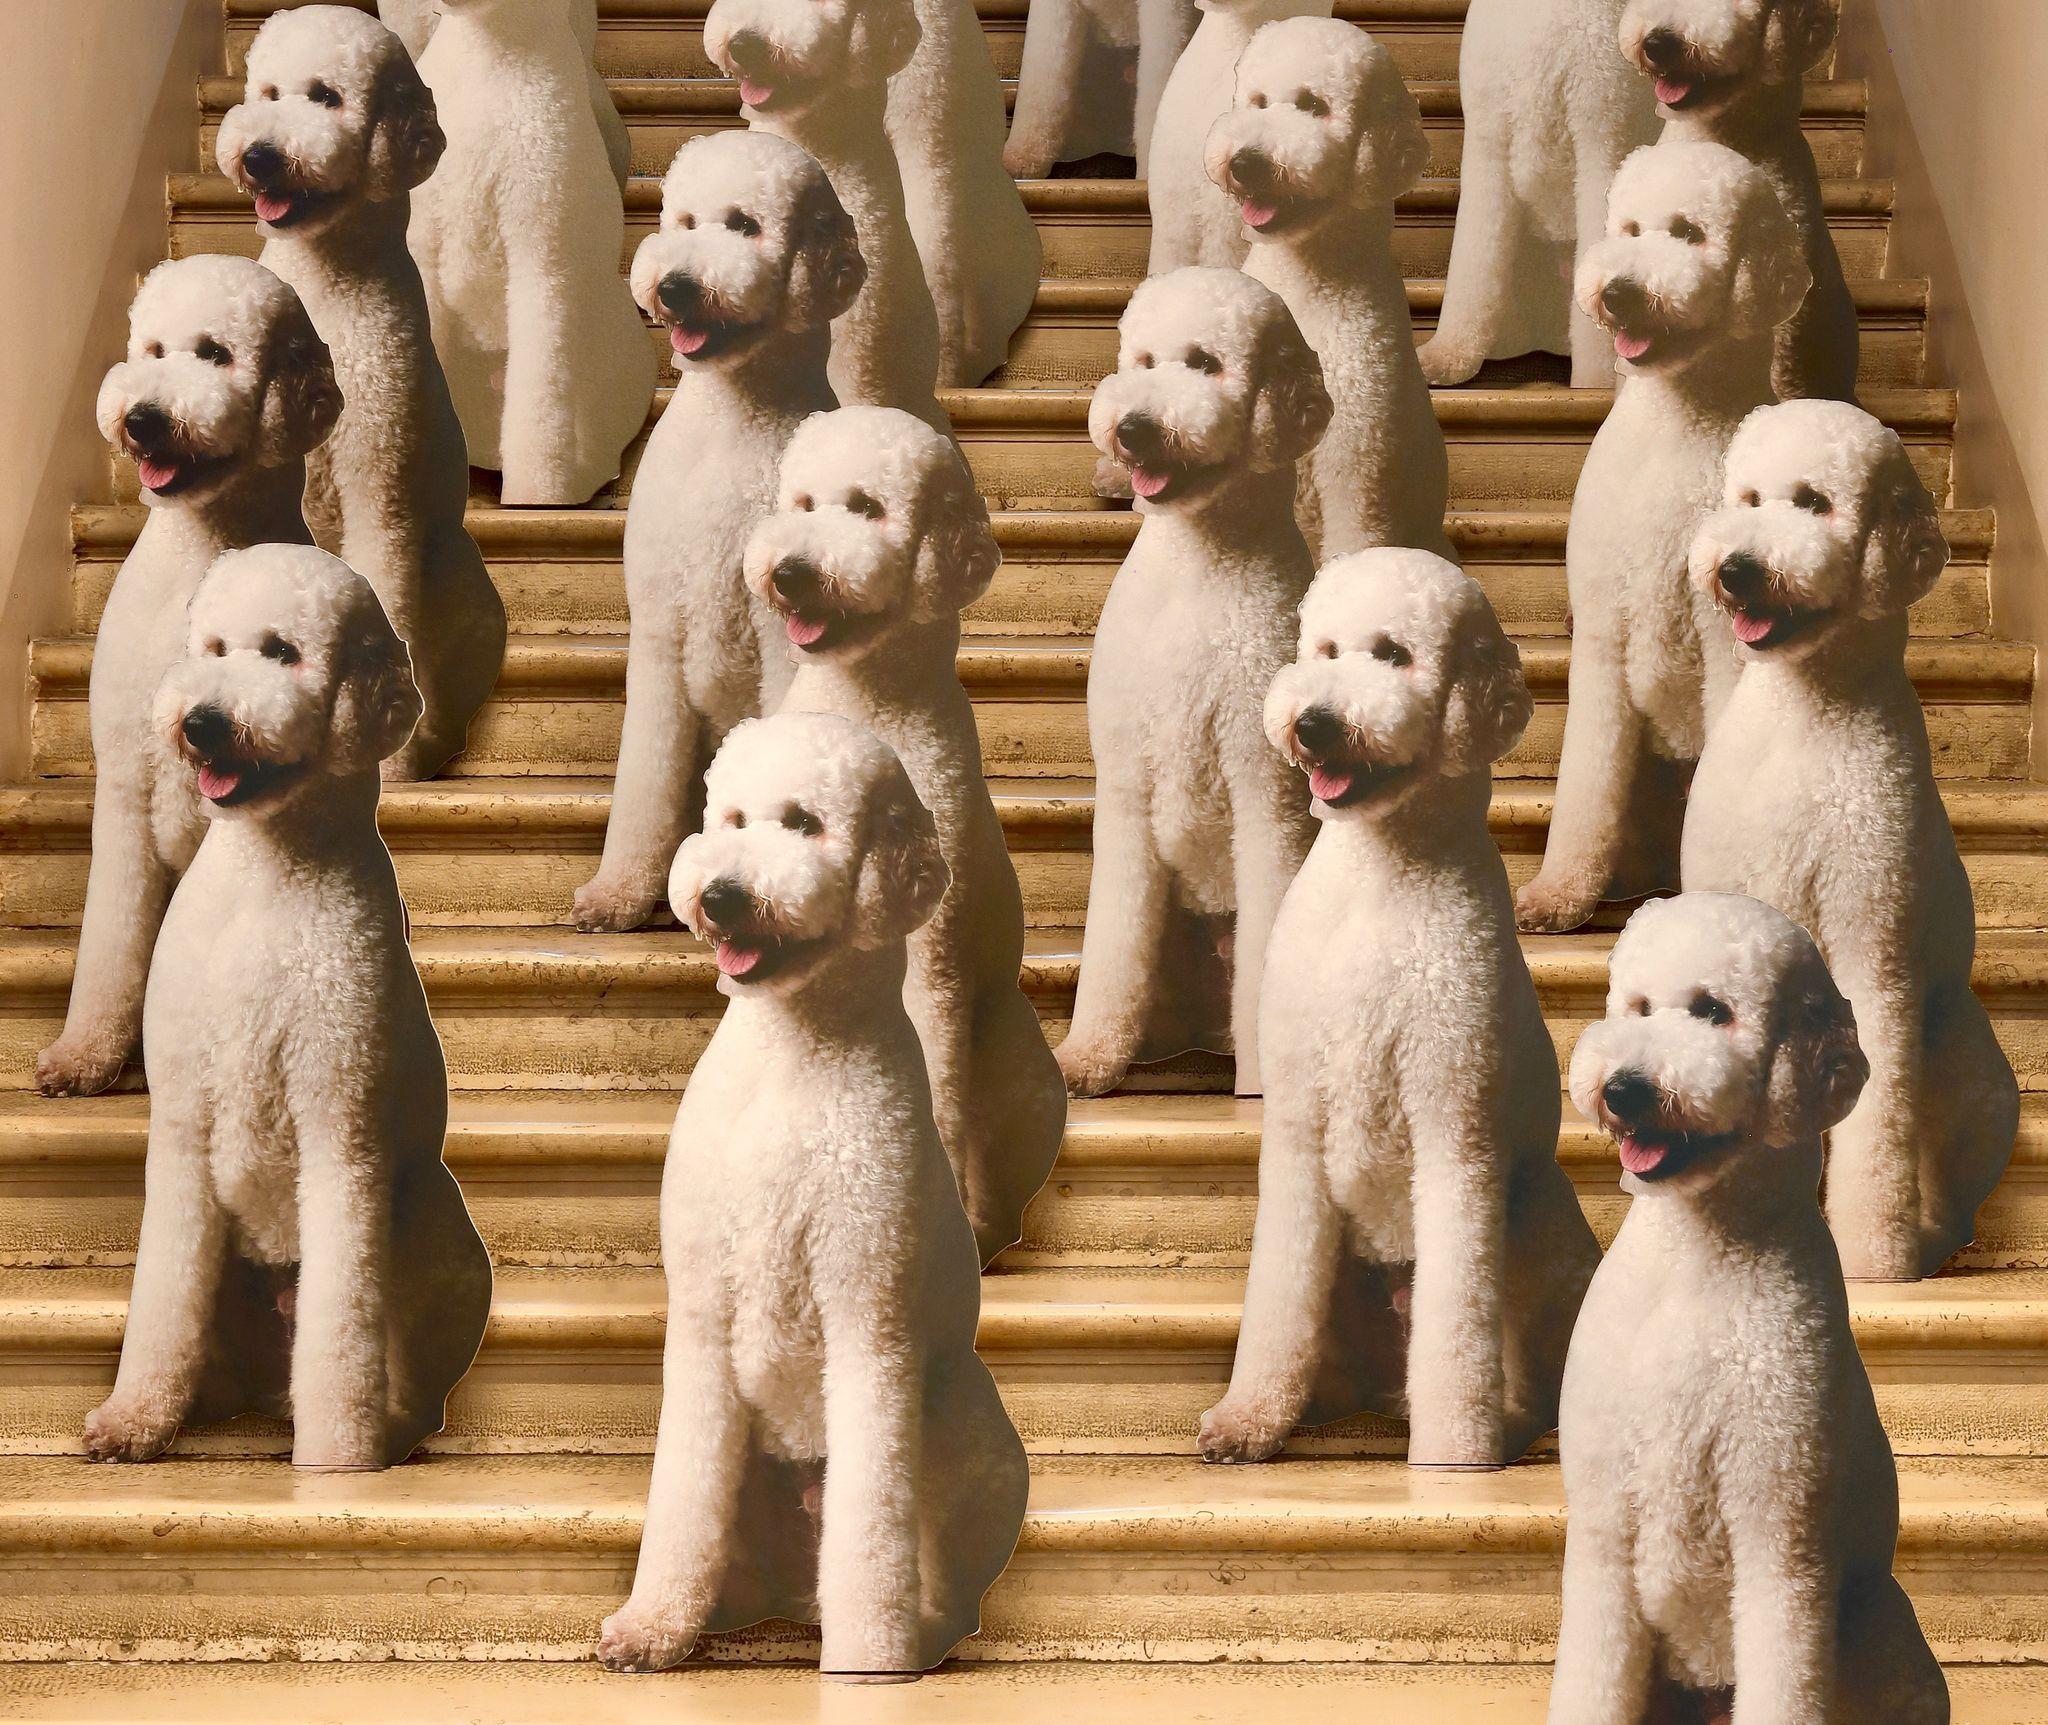 TOP DOG / UNDER DOG